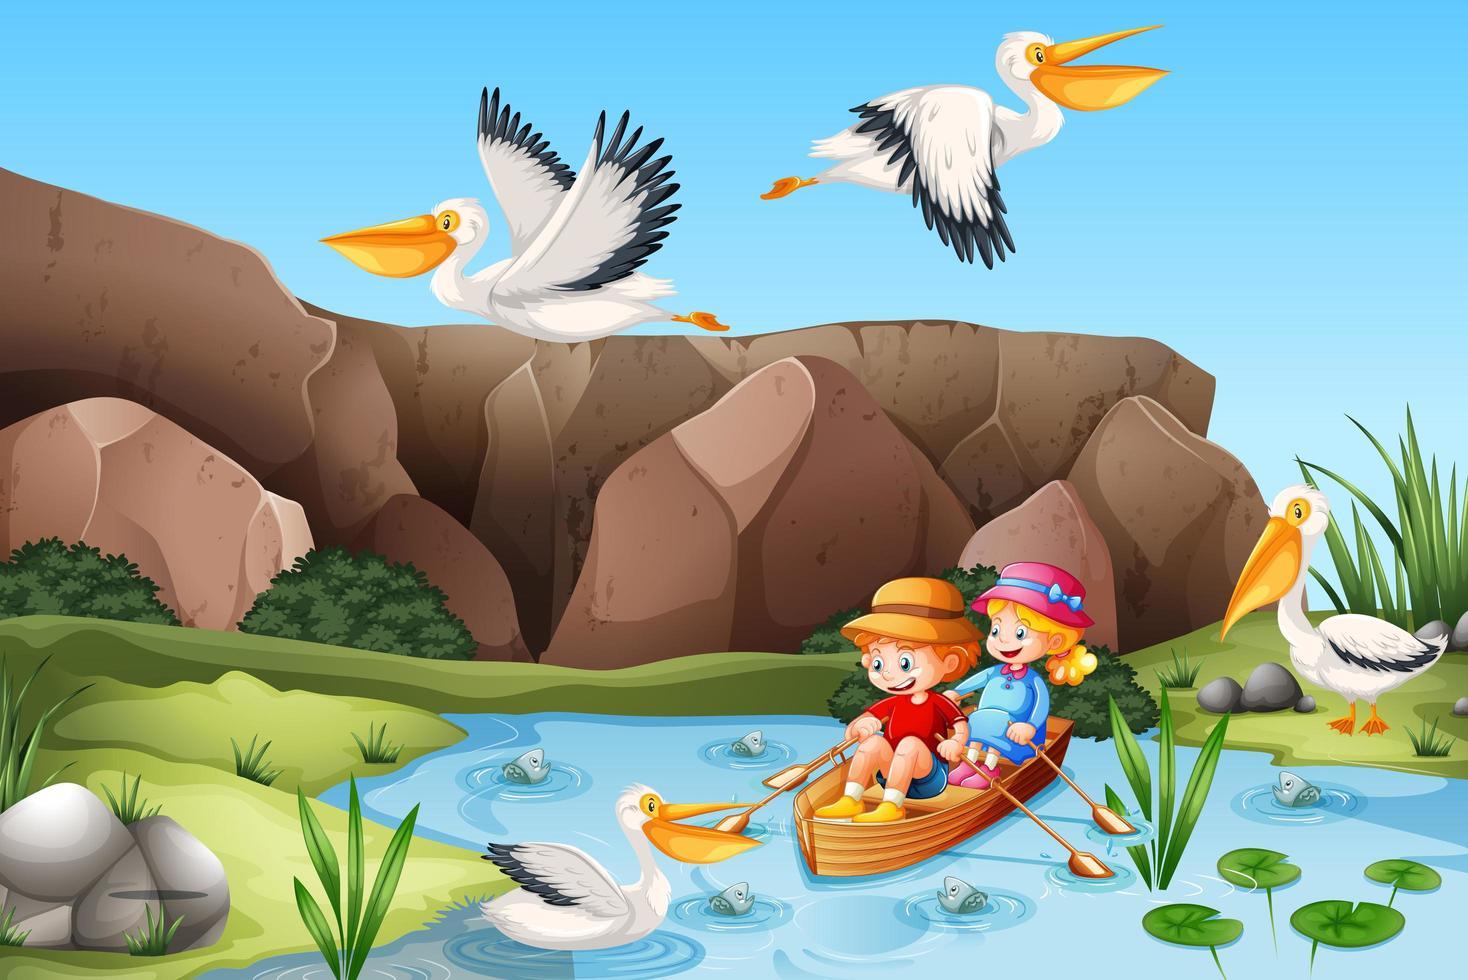 crianças remam o barco na cena da floresta do riacho vetor